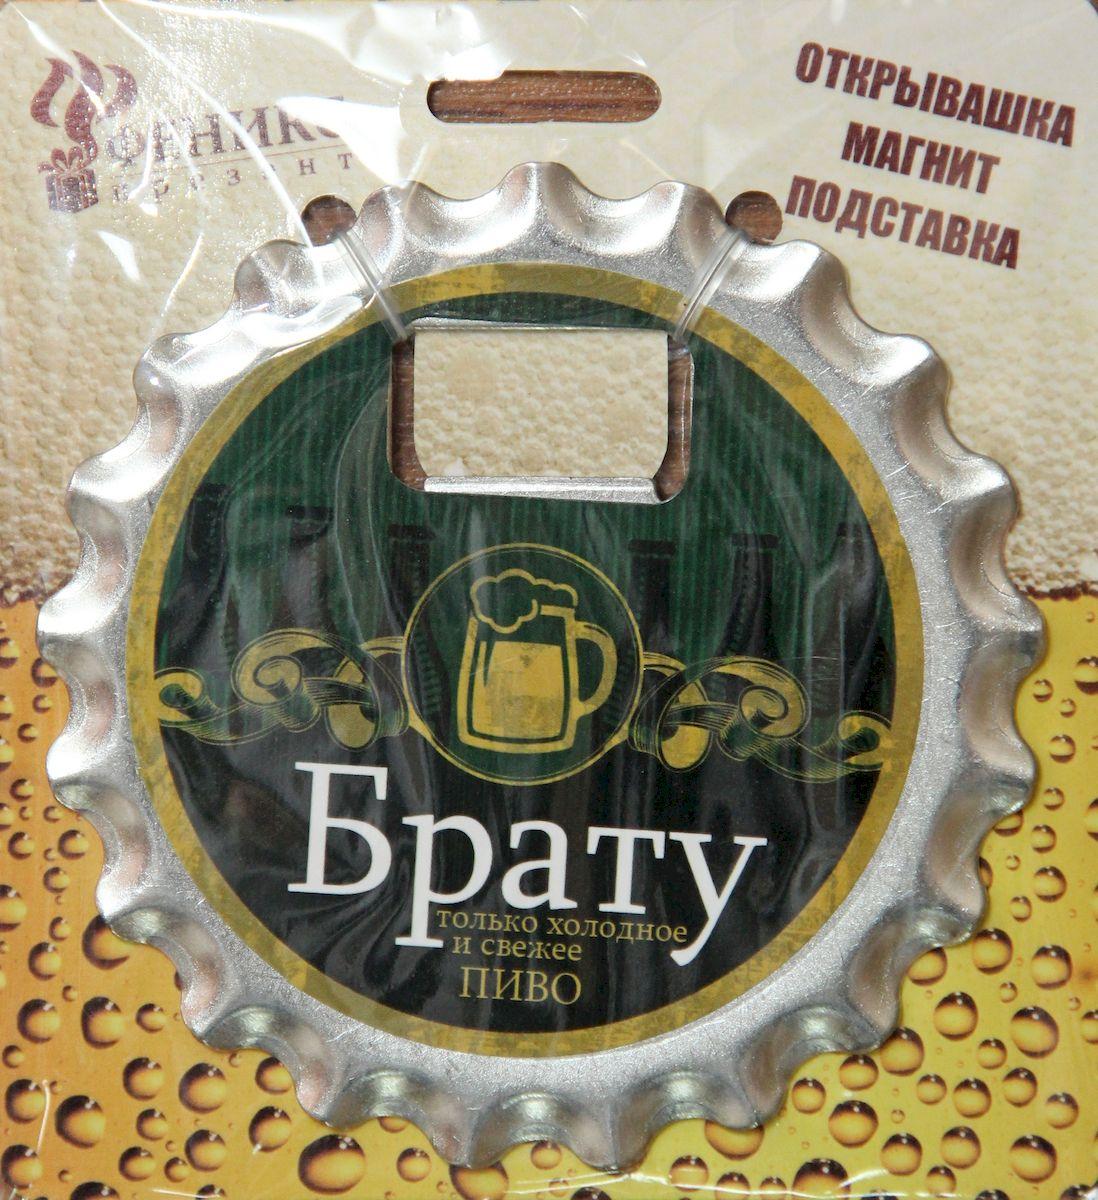 Ключ для открывания бутылок Magic Home Брату, с магнитом ключ для открывания бутылок magic home время для отдыха с магнитом